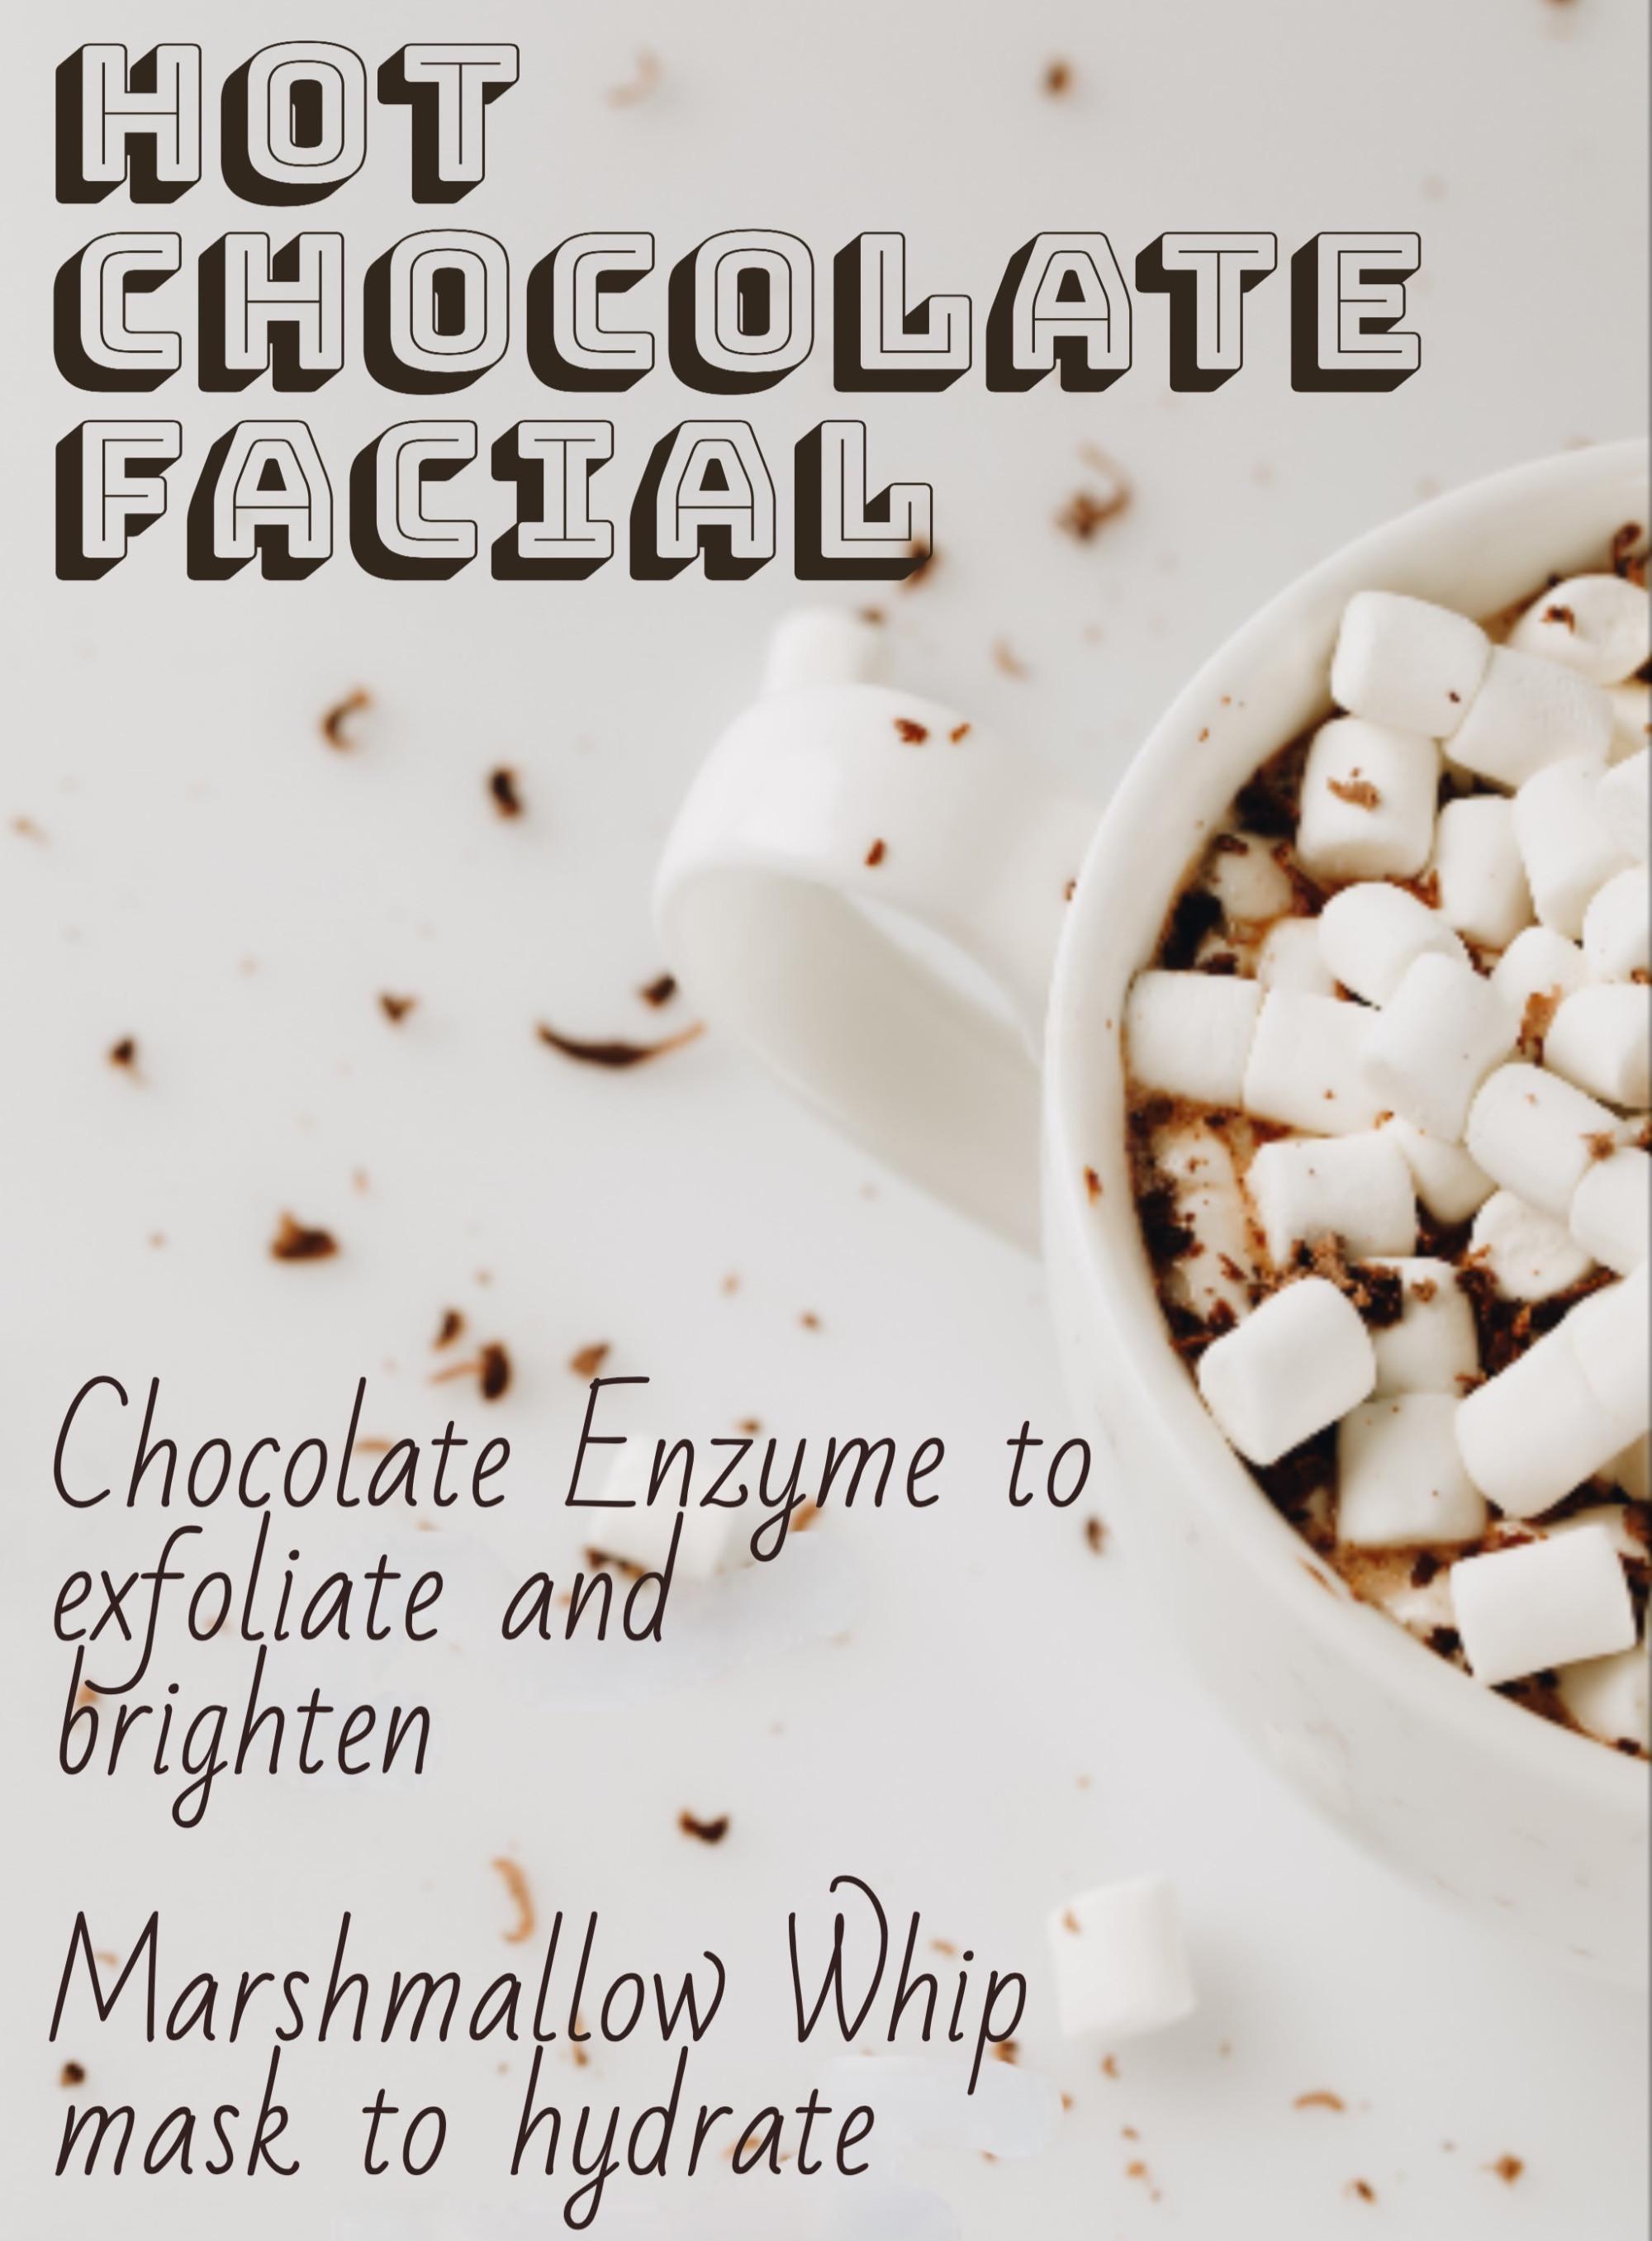 Seasonal Facial/Peel - Hot Chocolate